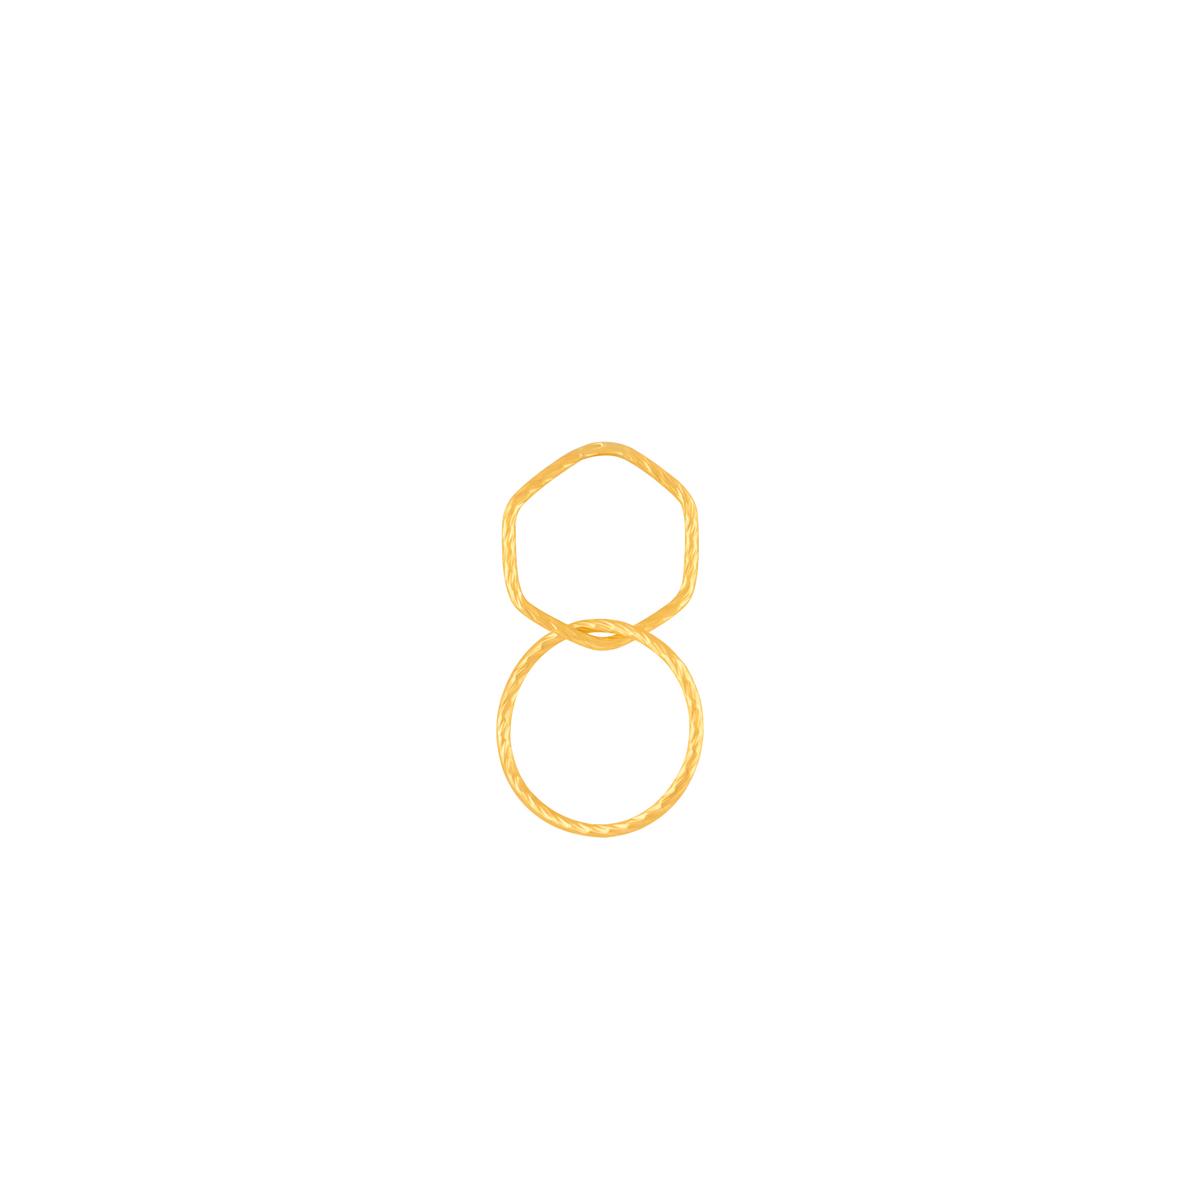 گوشواره طلا تک لنگه ای دو حلقه